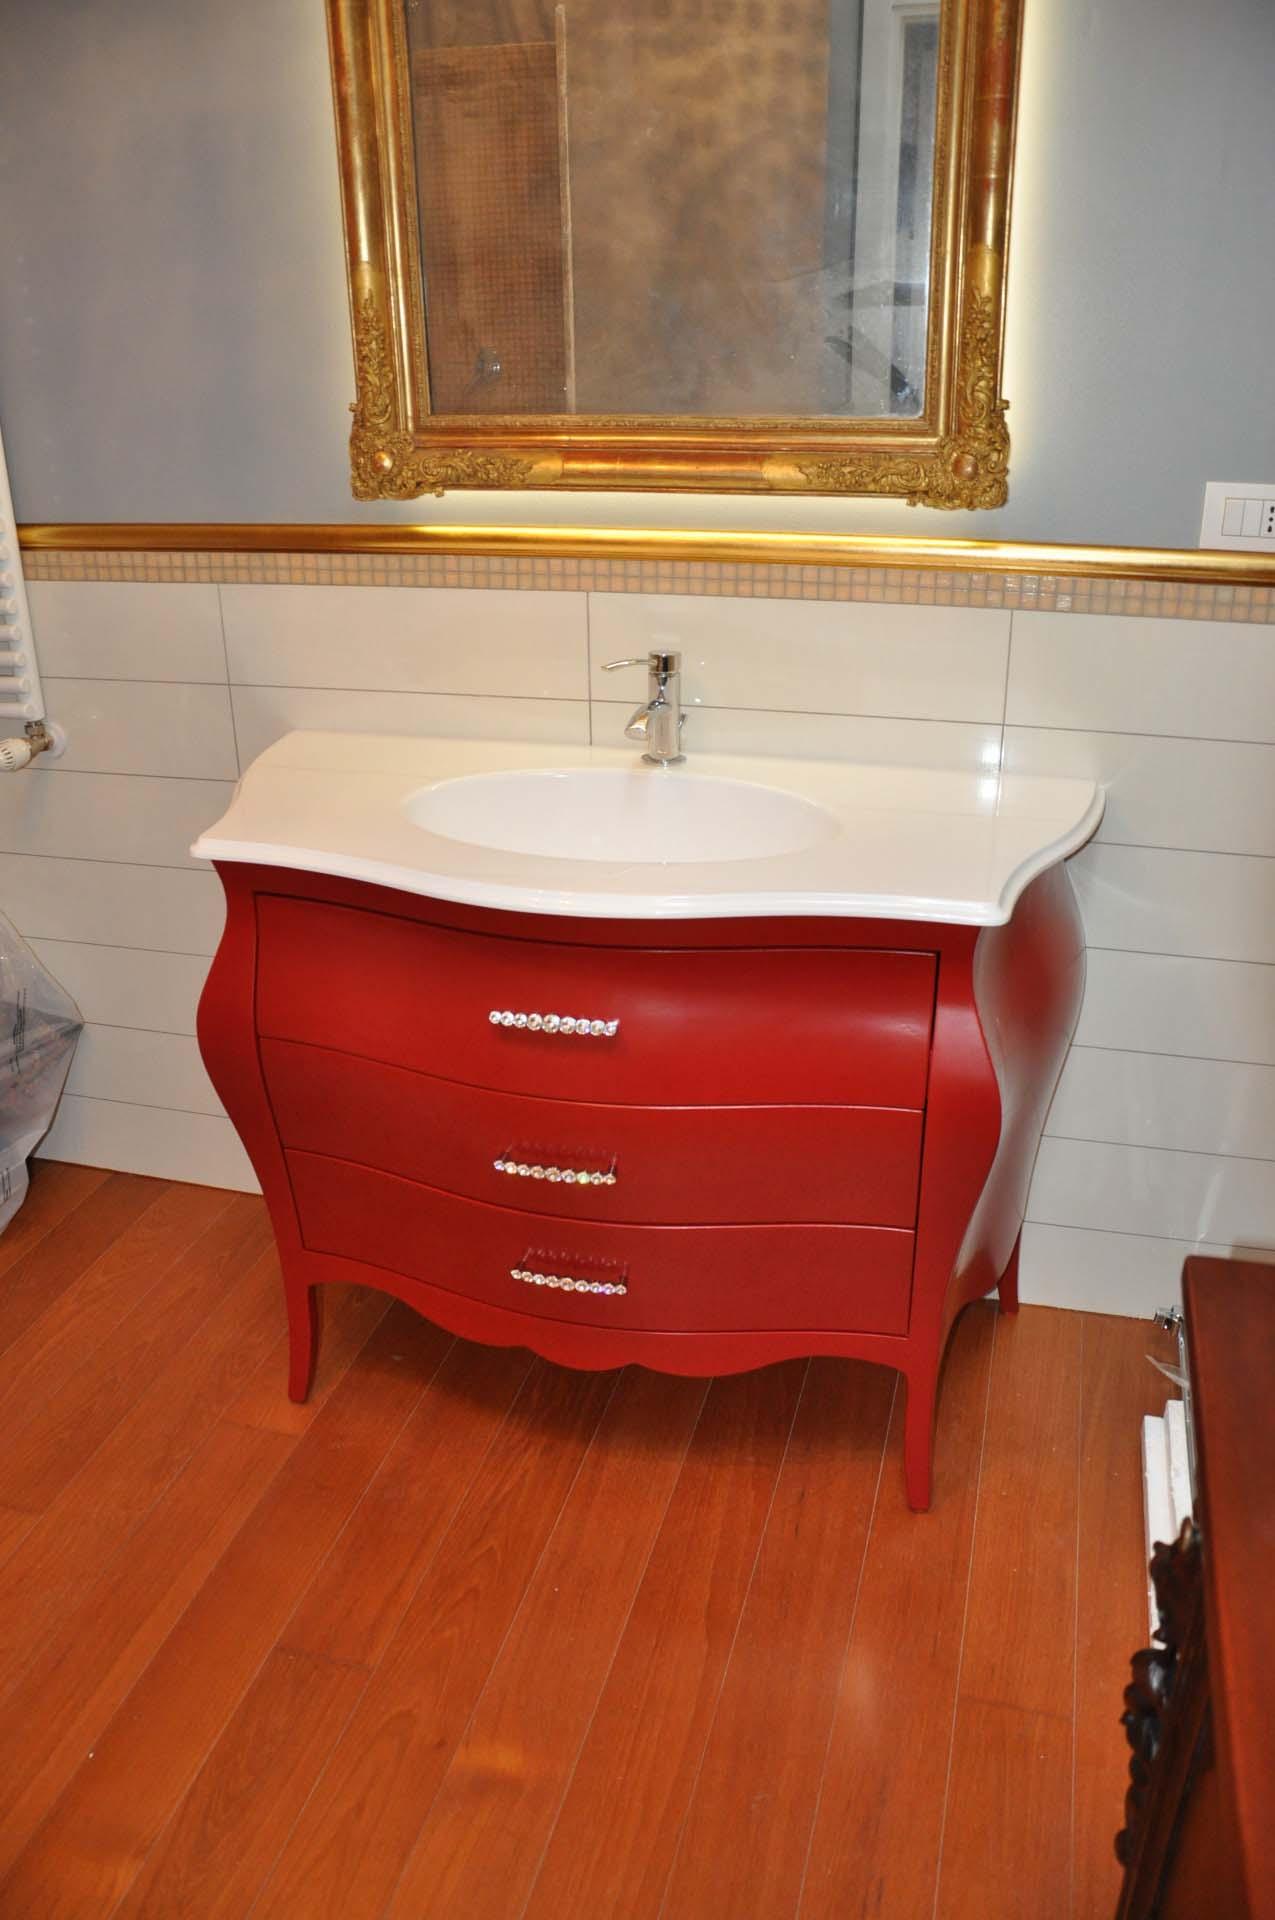 Mobili per bagno fadini mobili cerea verona for Maniglie mobili bagno